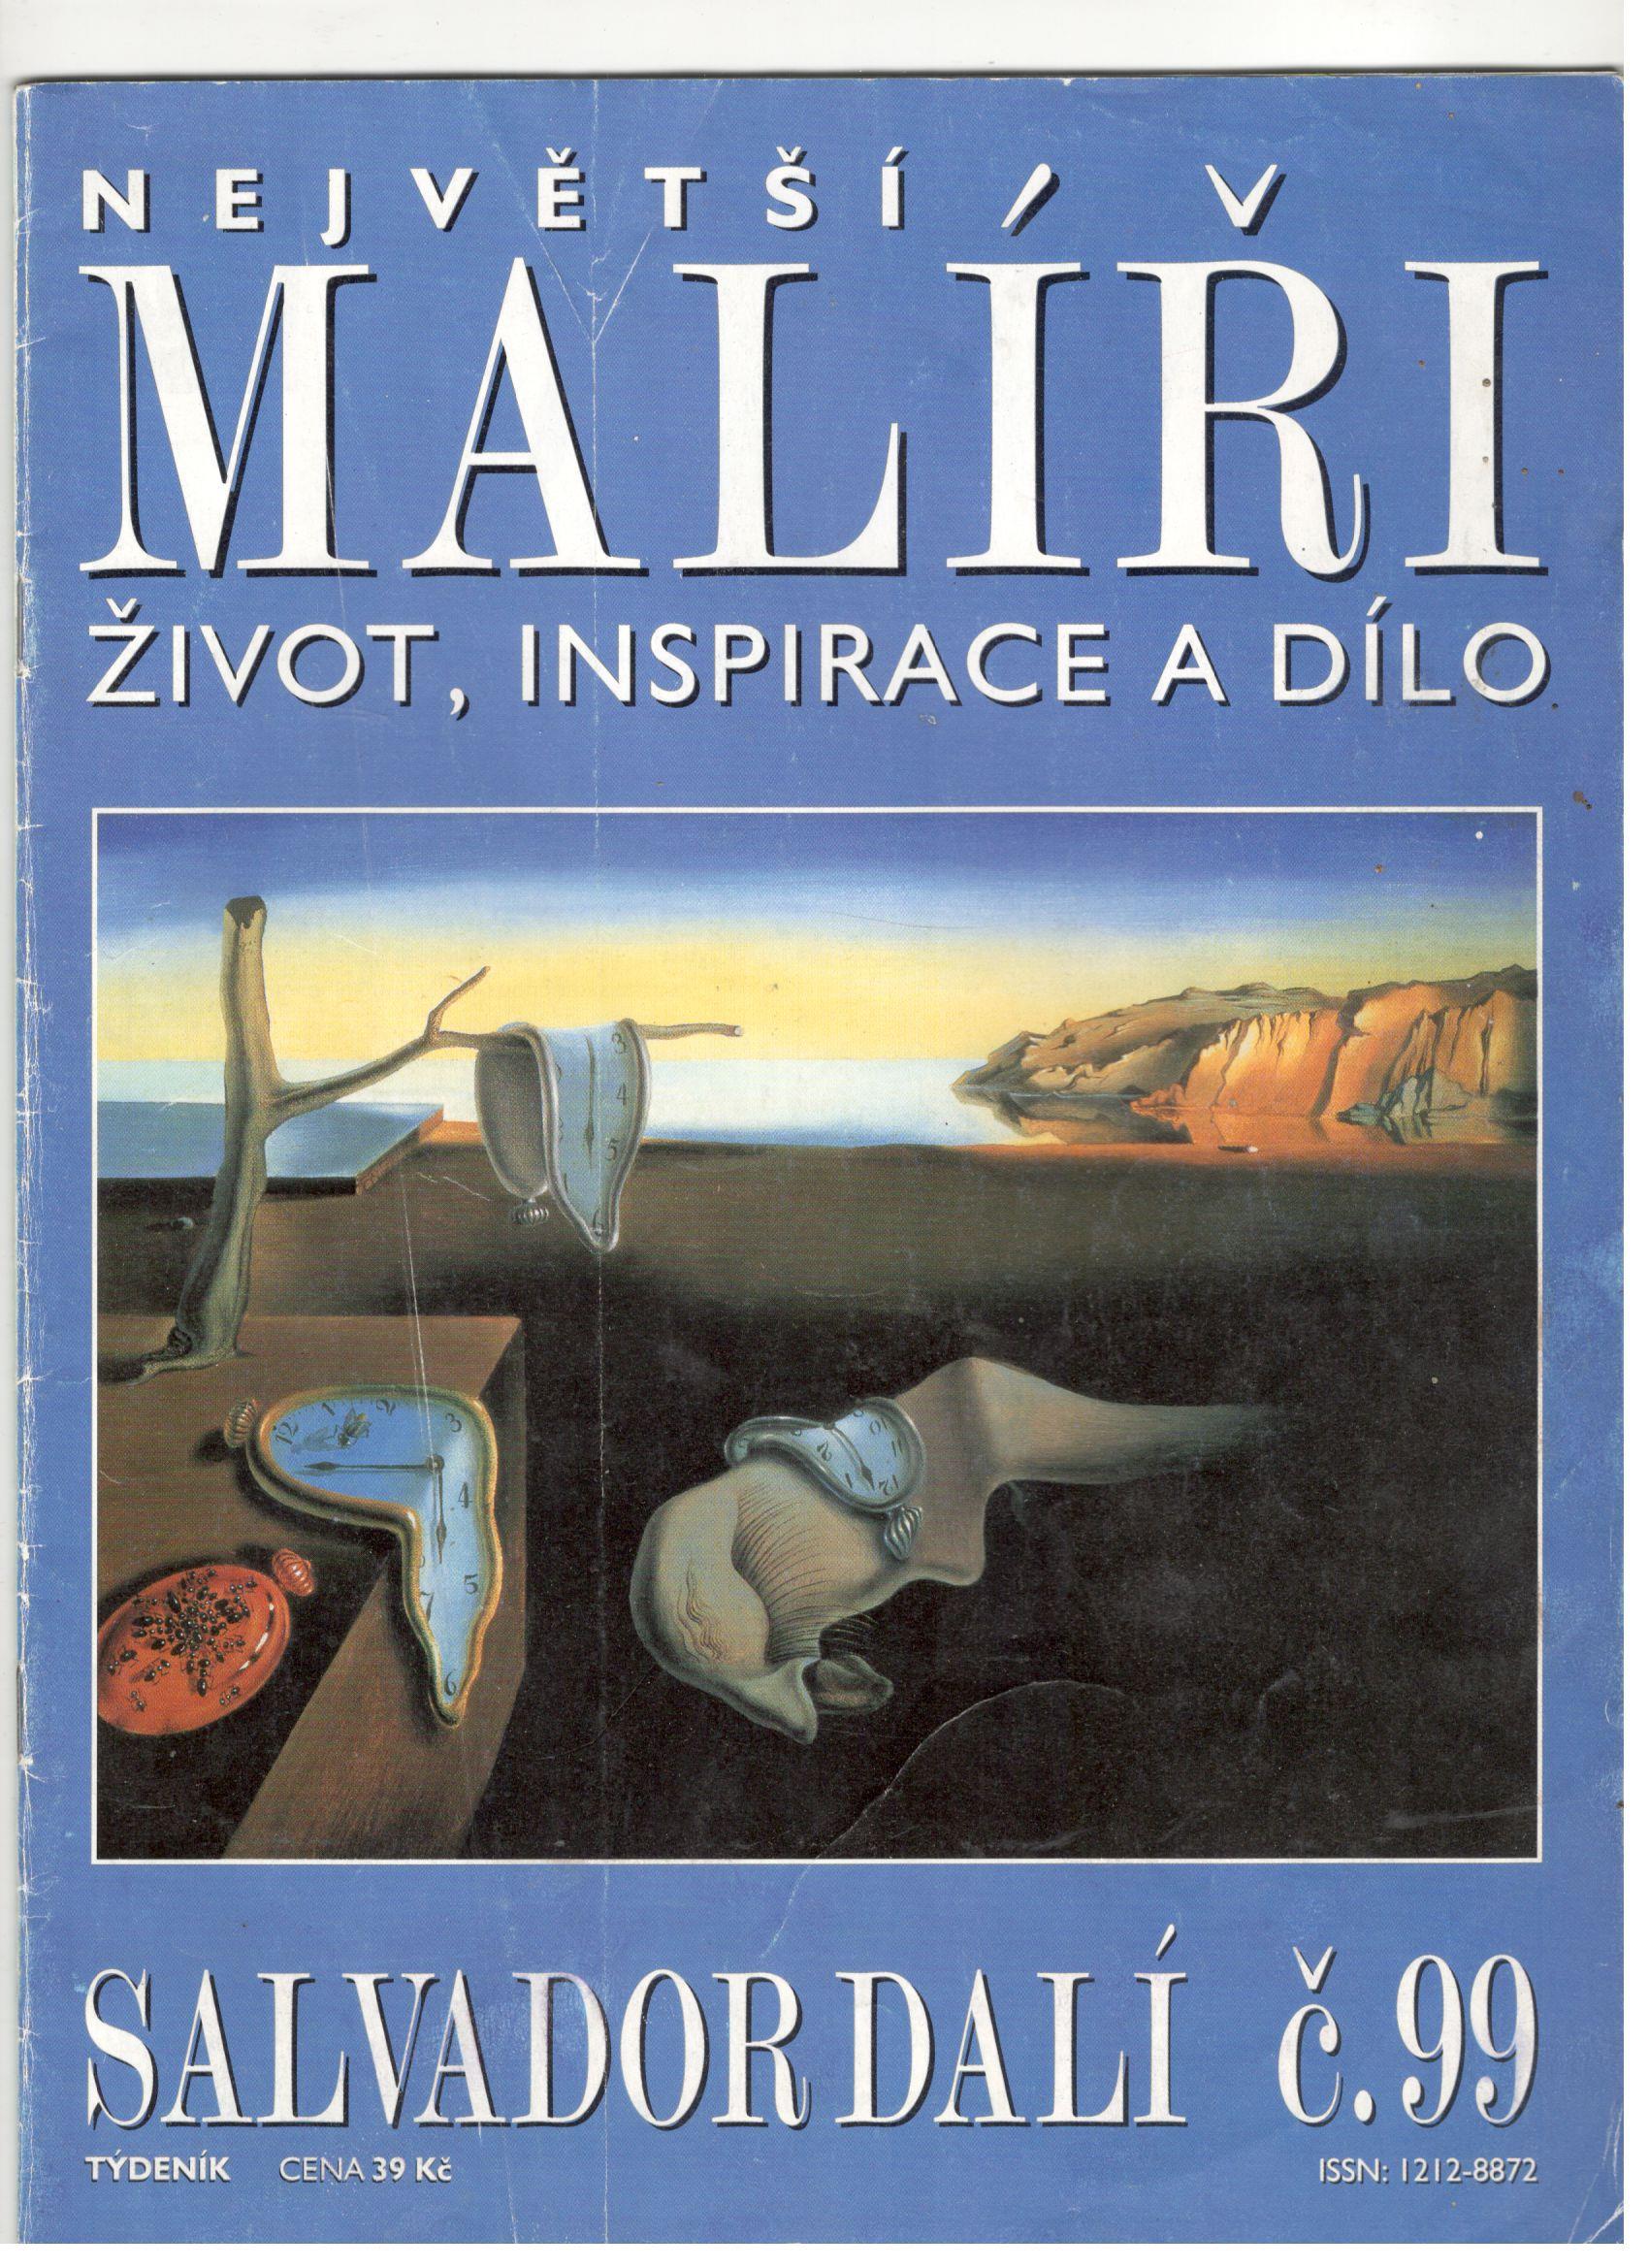 Největší malíři, život, inspirace a dílo - Salvador Dalí (č. 99)